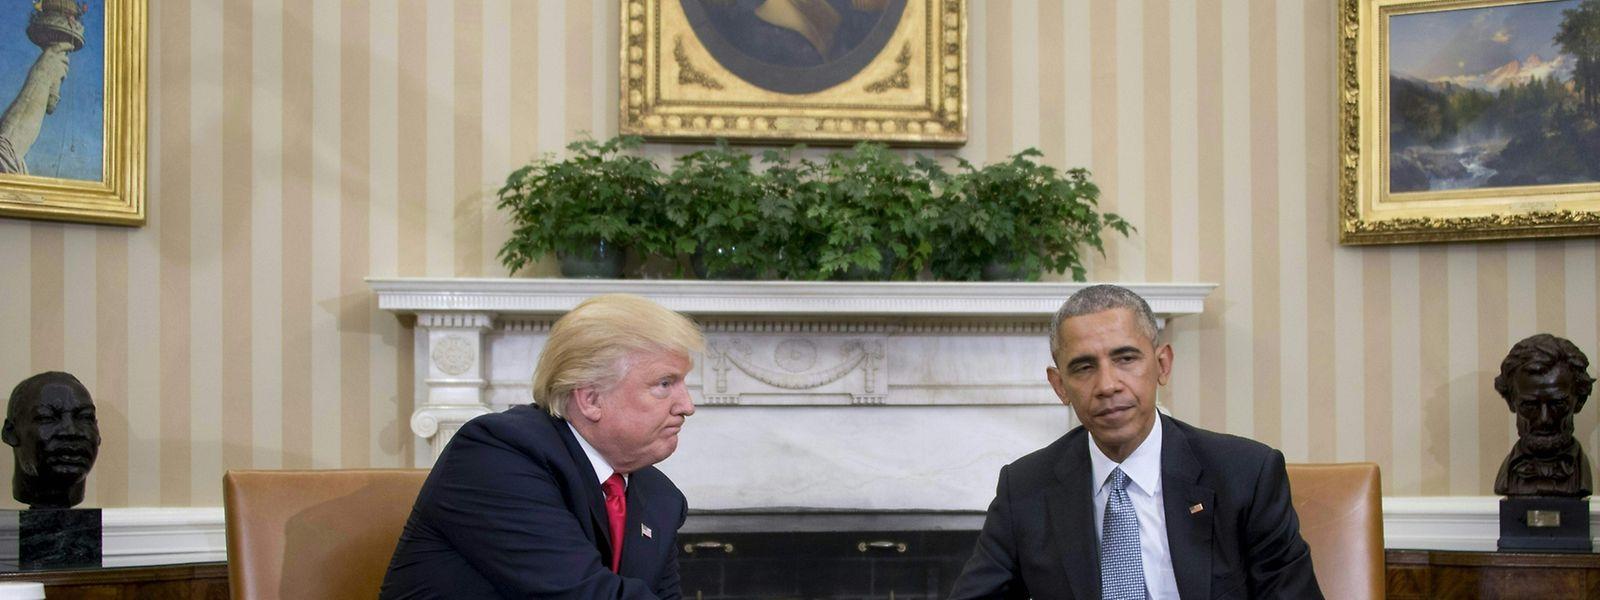 Die Lage zwischen dem gewählten Päsidenten Trump und dem regierenden Präsienten Obama (r.) spitzt sich langam zu.